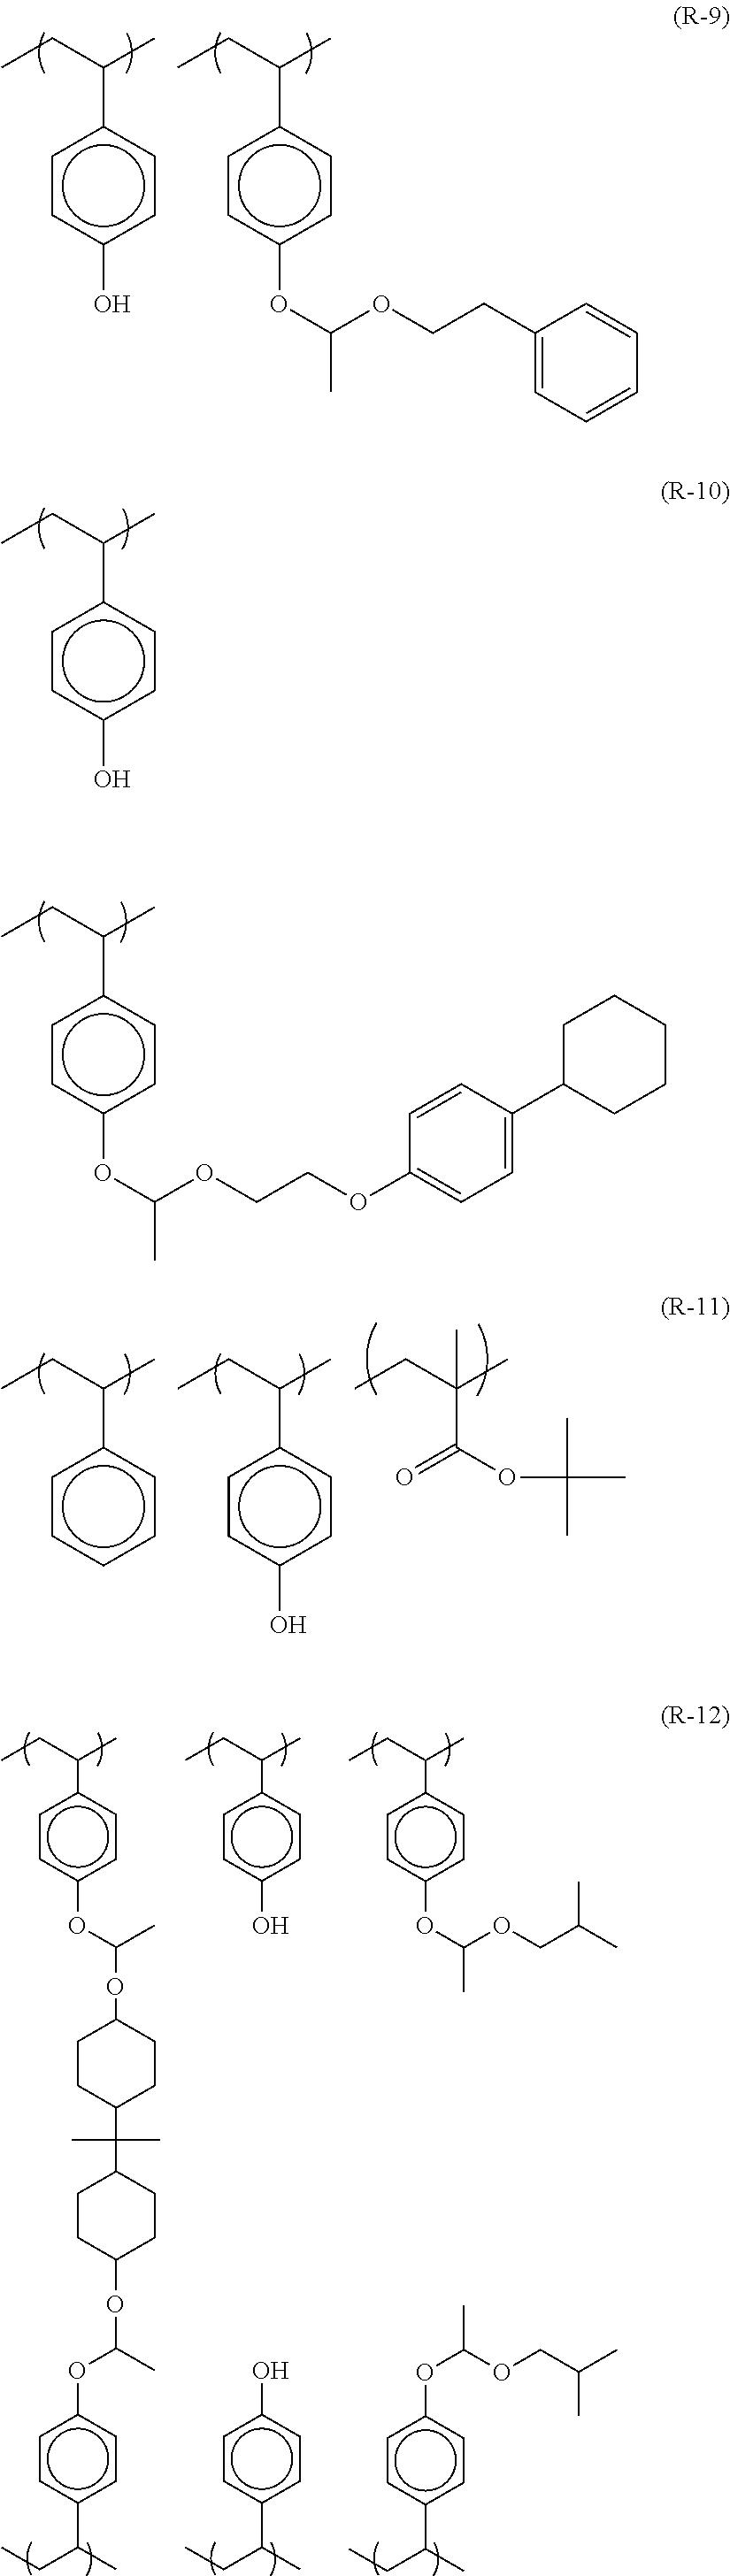 Figure US08476001-20130702-C00045